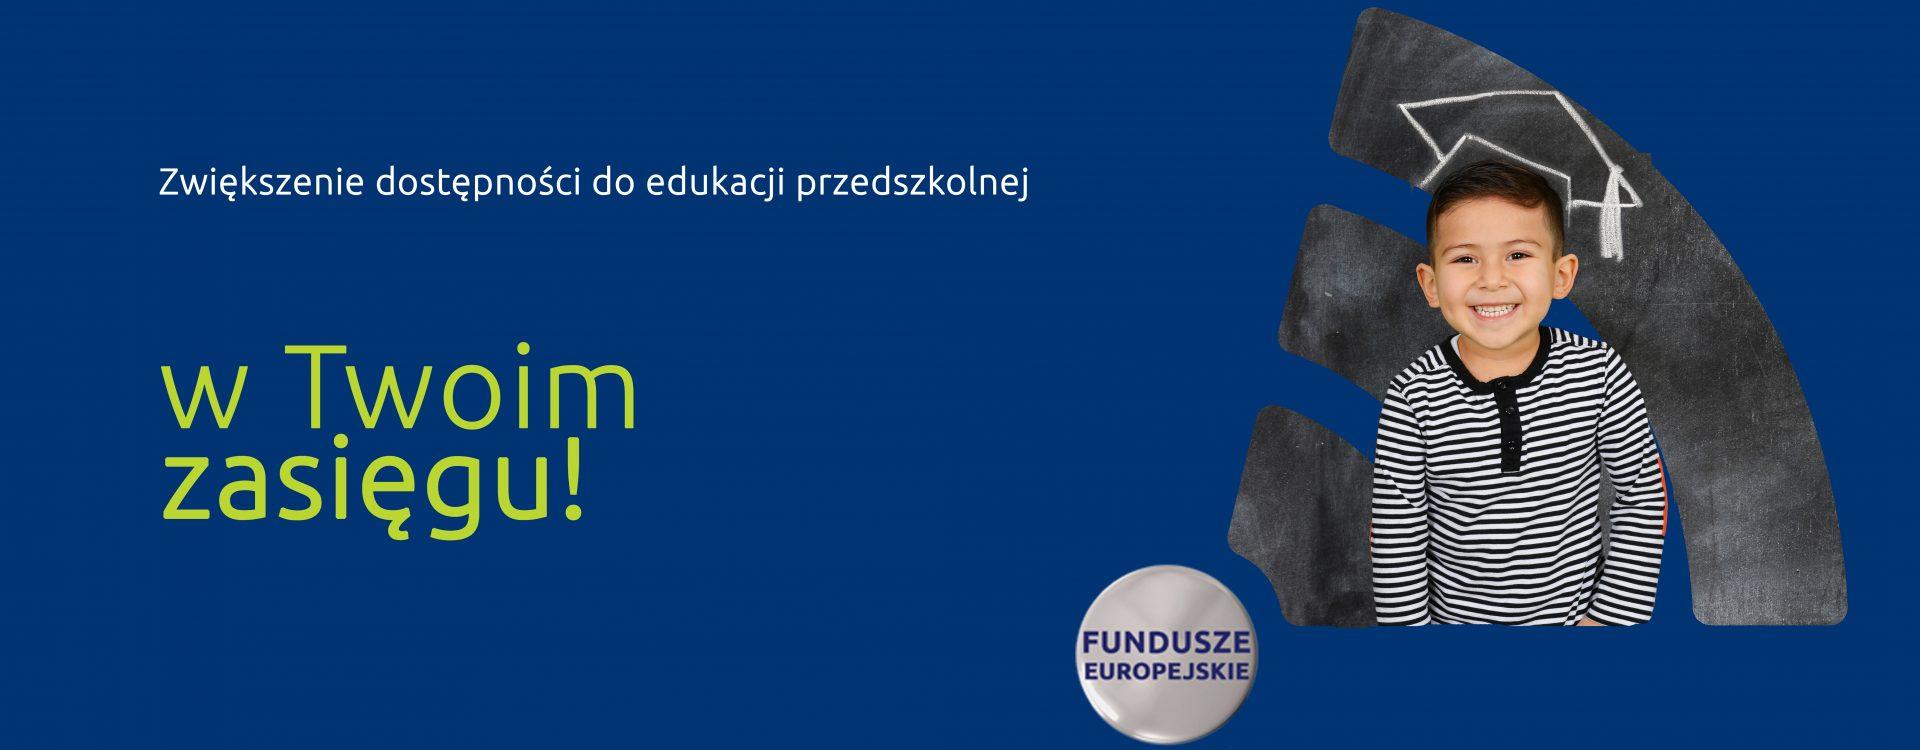 Lepszy dostęp do przedszkoli dzięki funduszom unijnym